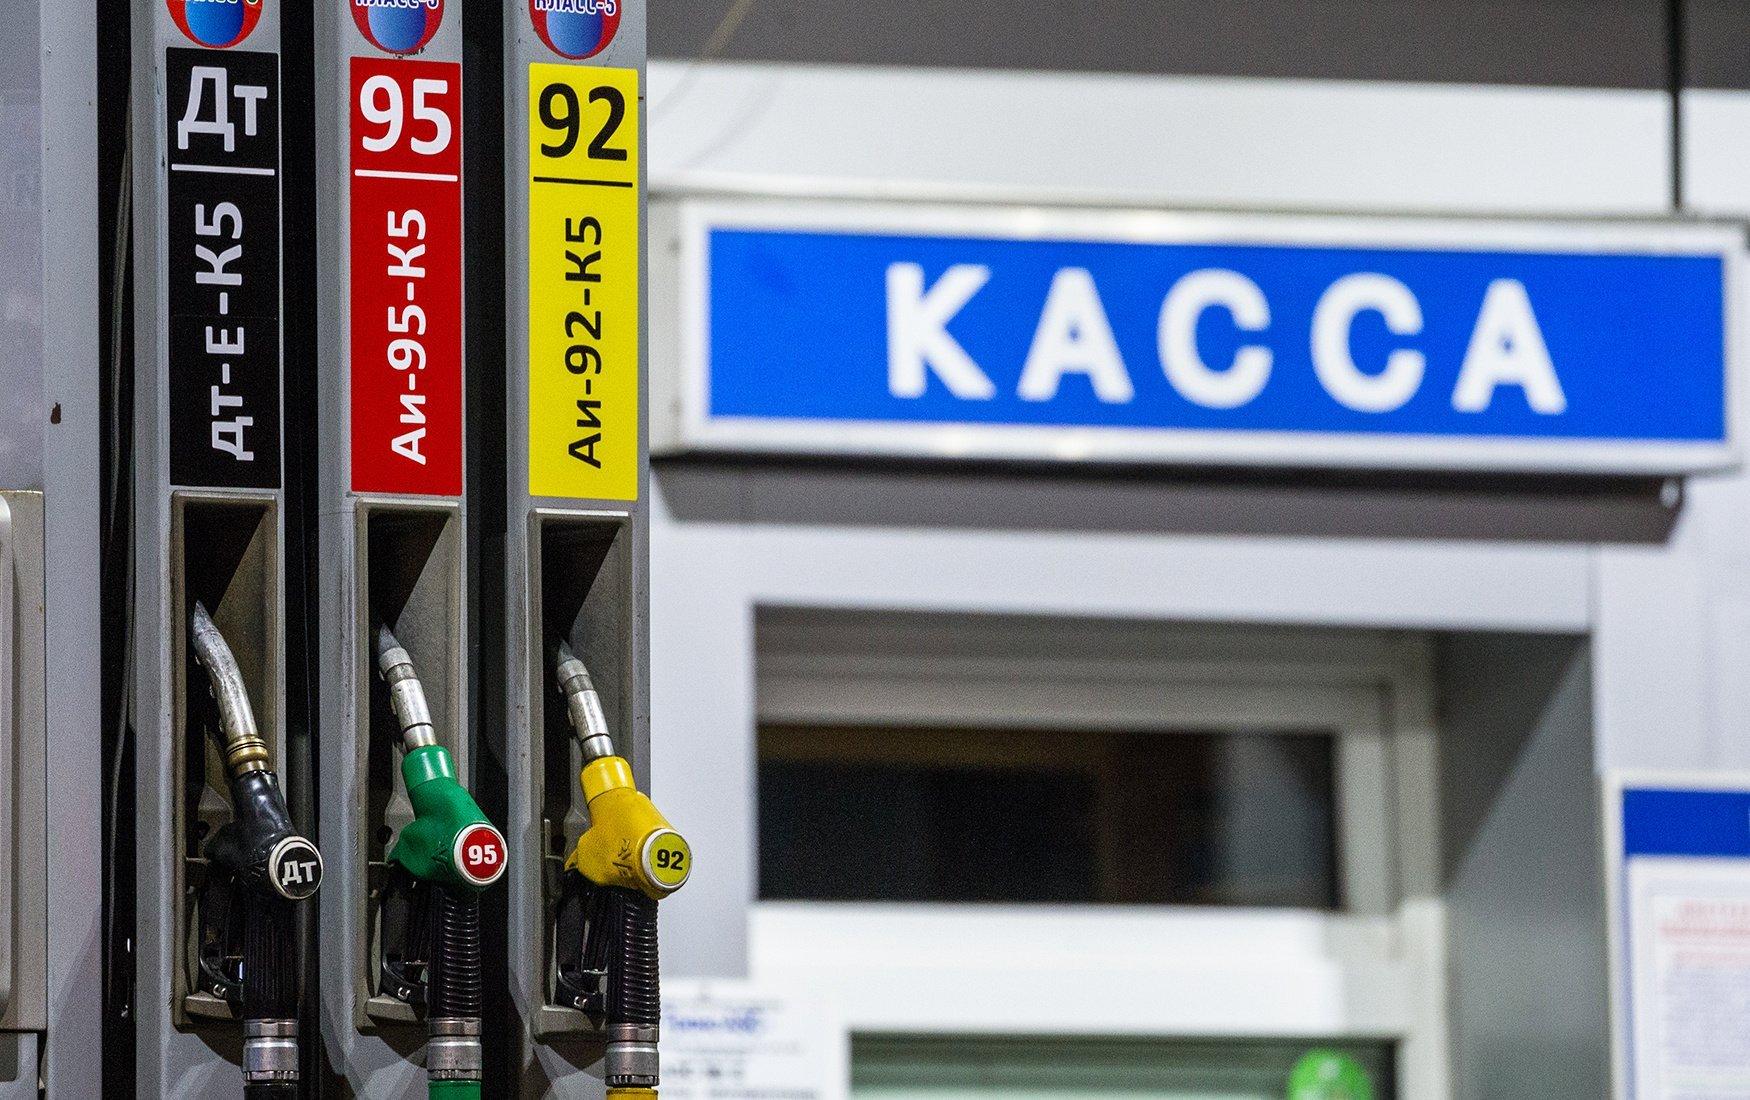 ФАС потребует от владельцев заправок объяснить рост цен на бензин